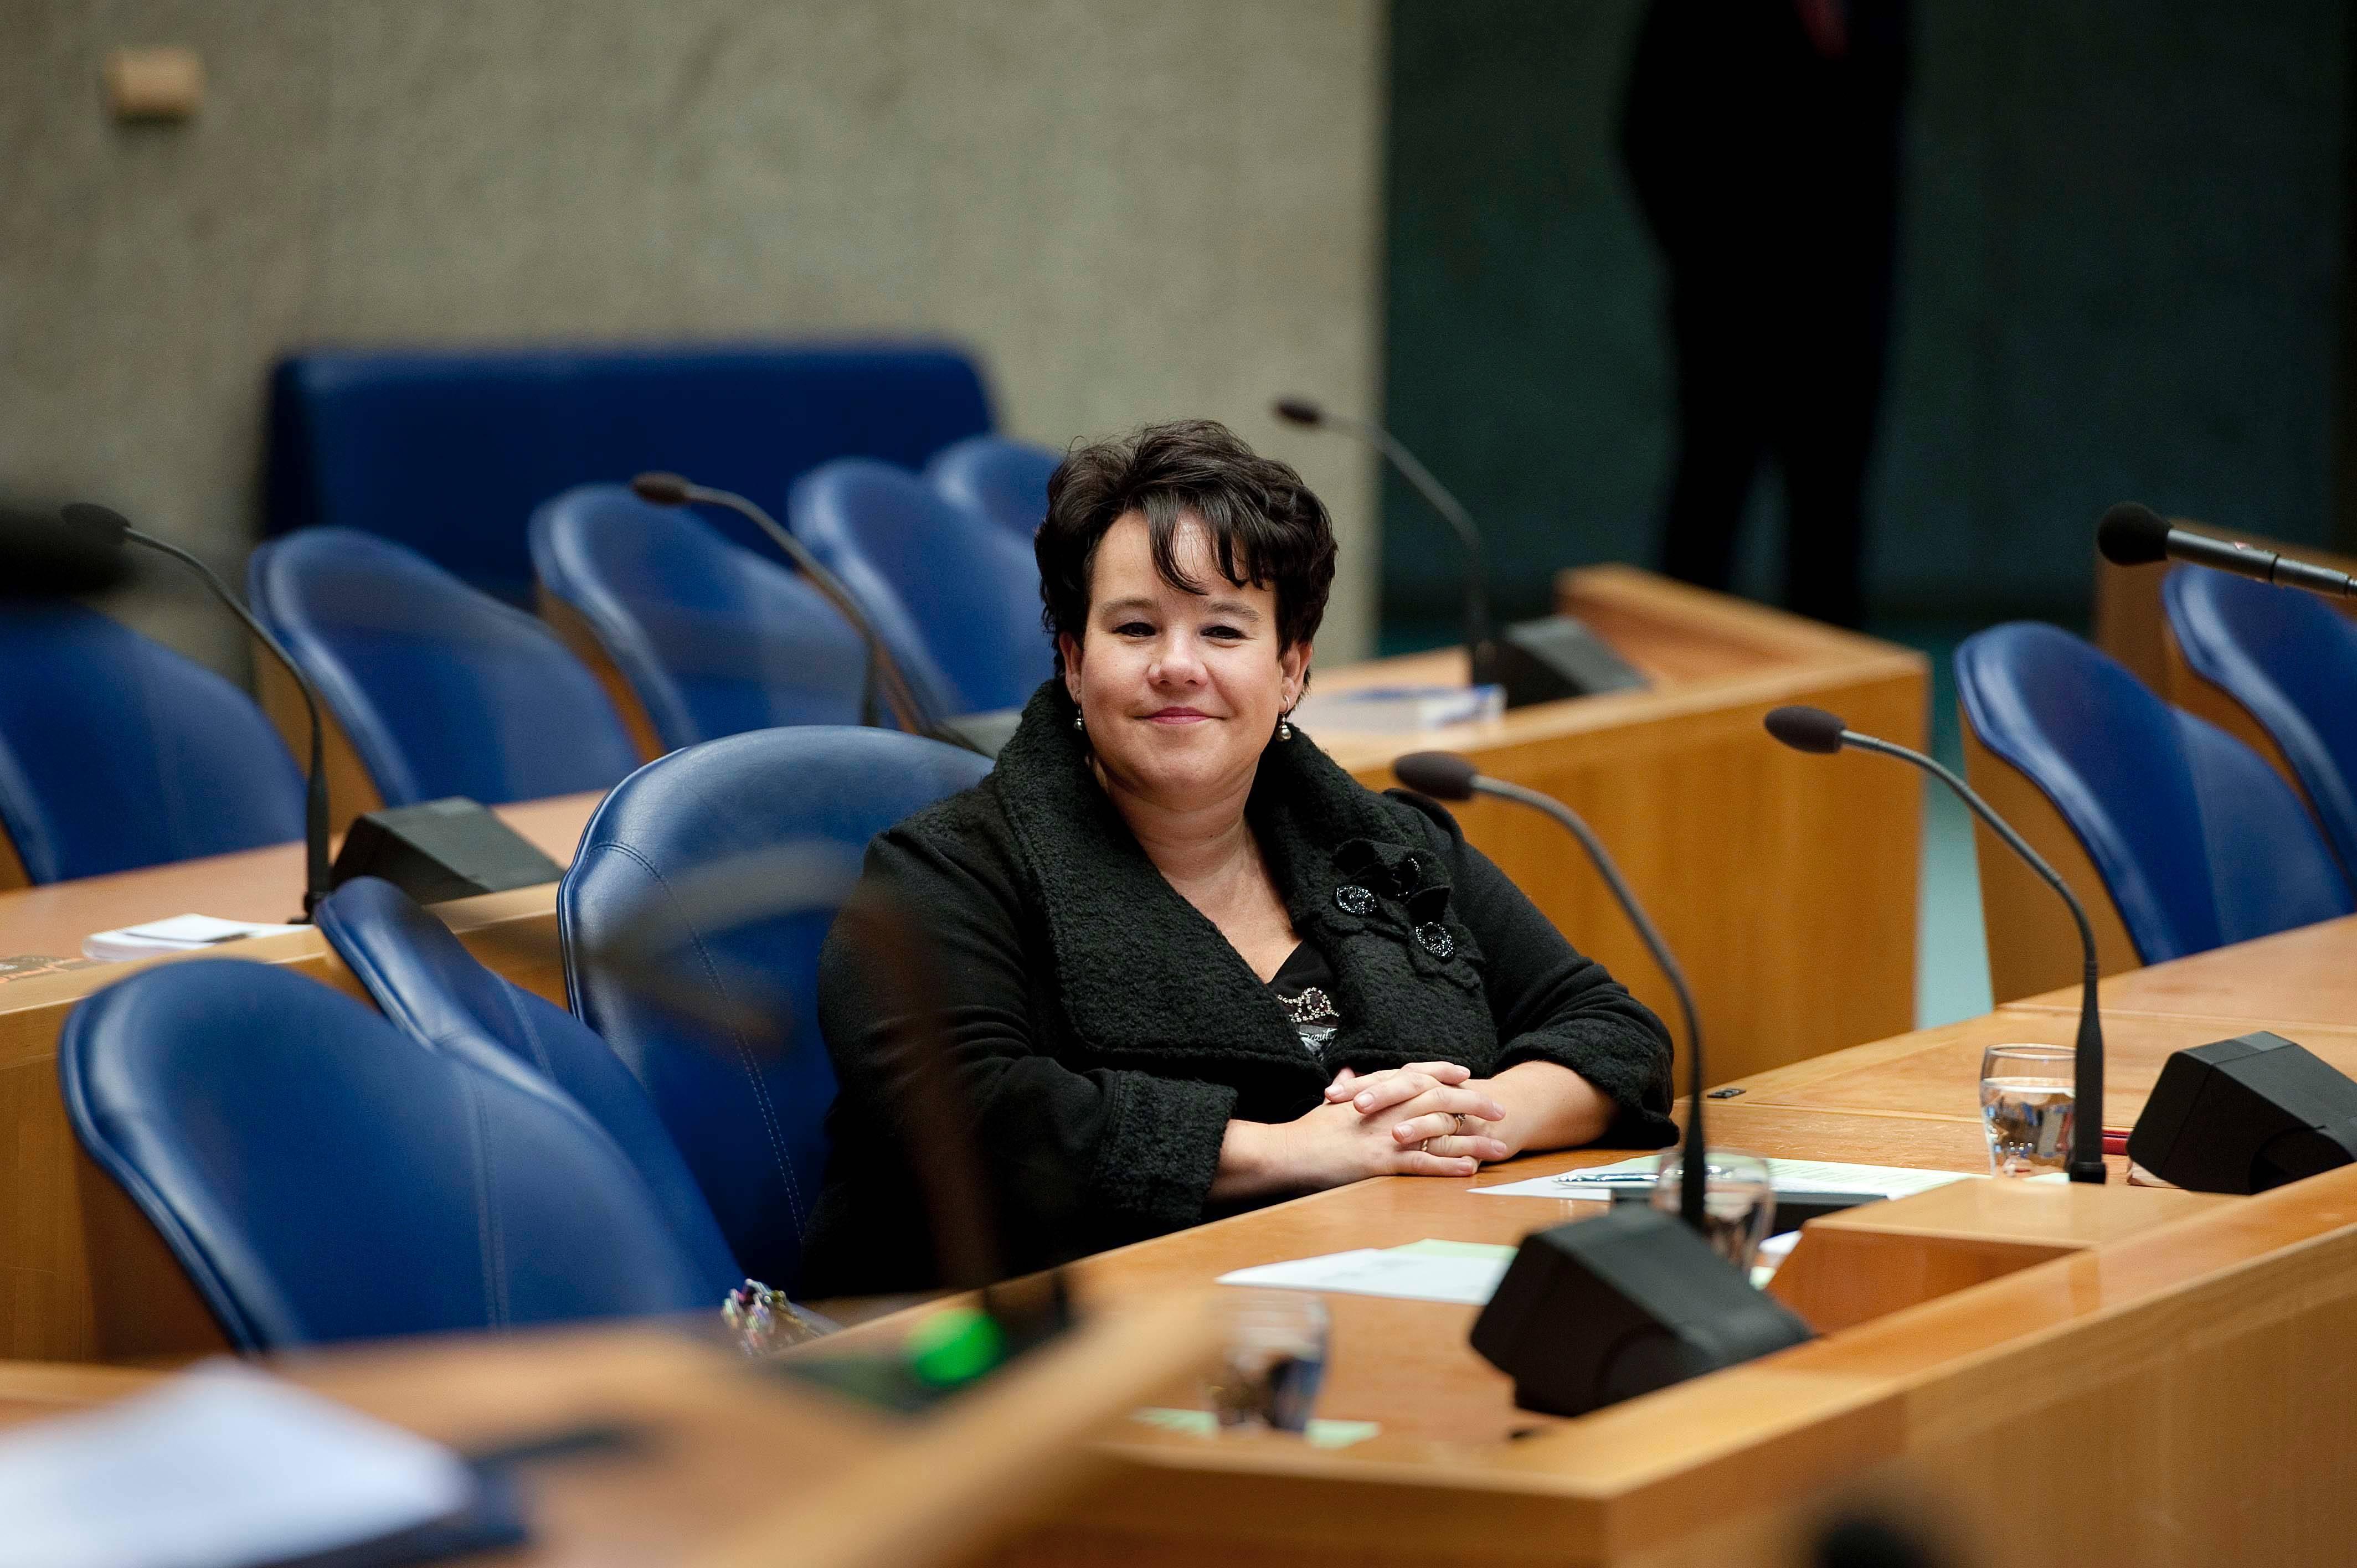 2 Sharon Dijksma